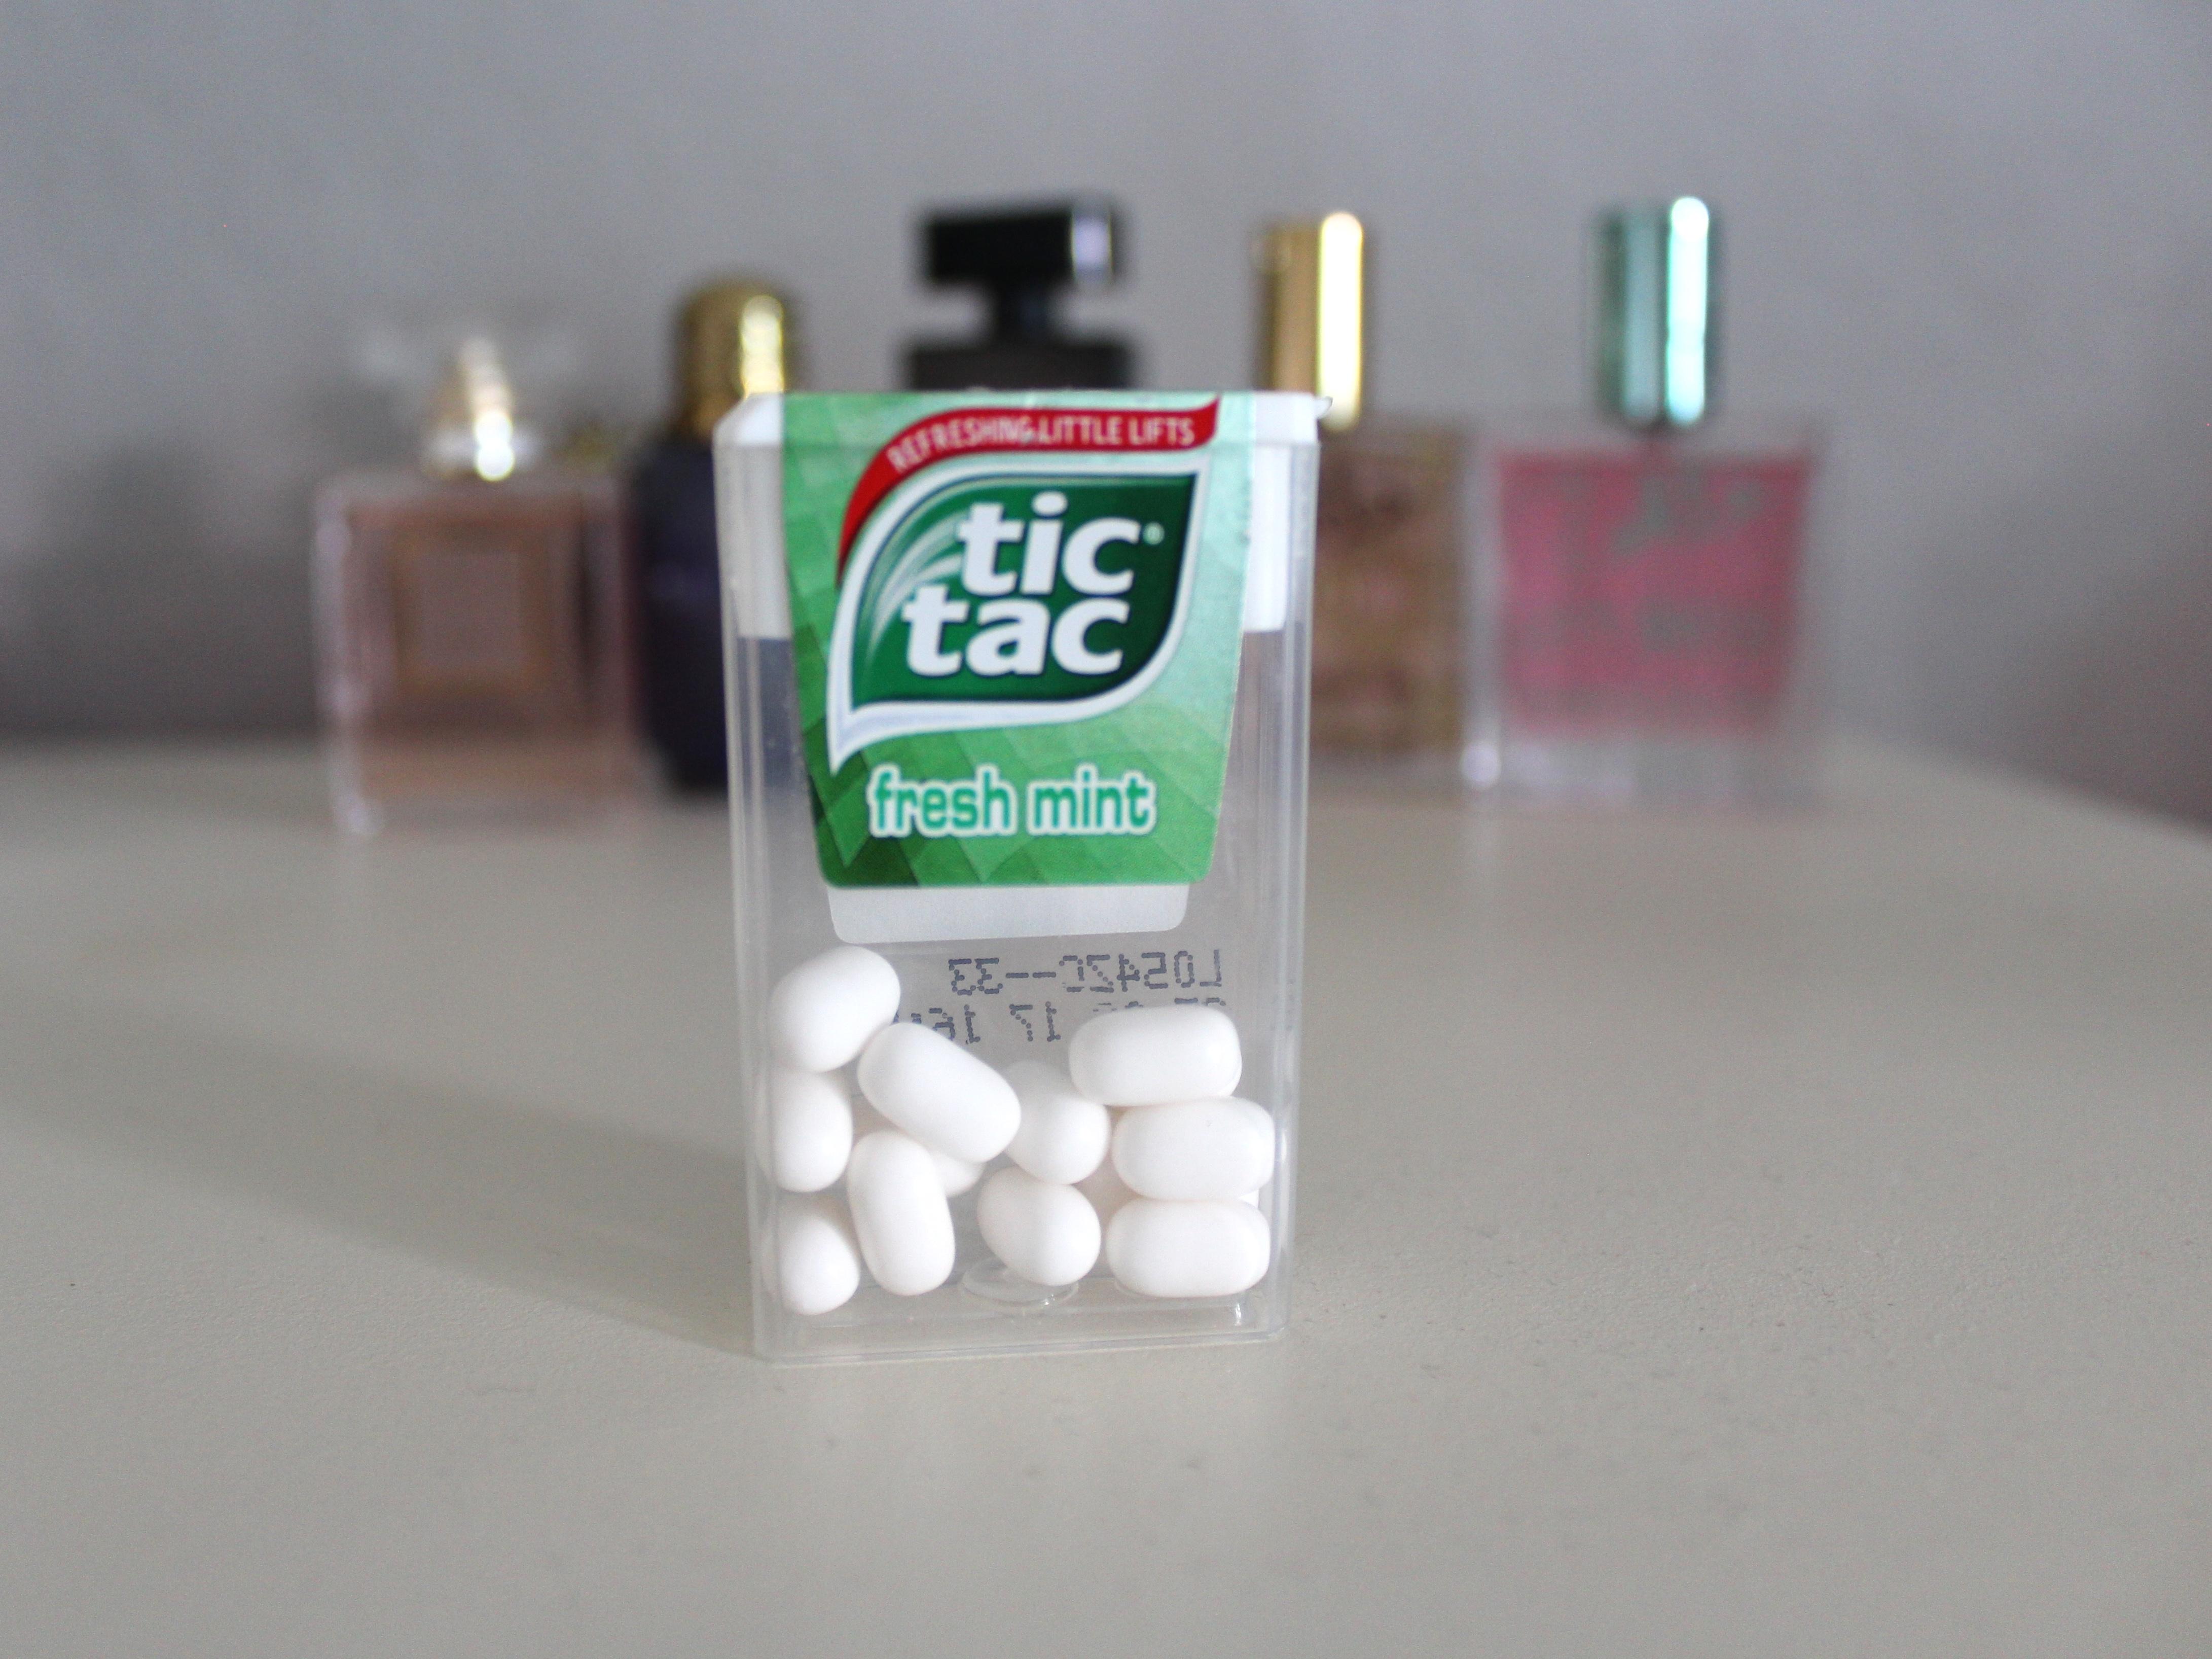 Tic tacs box